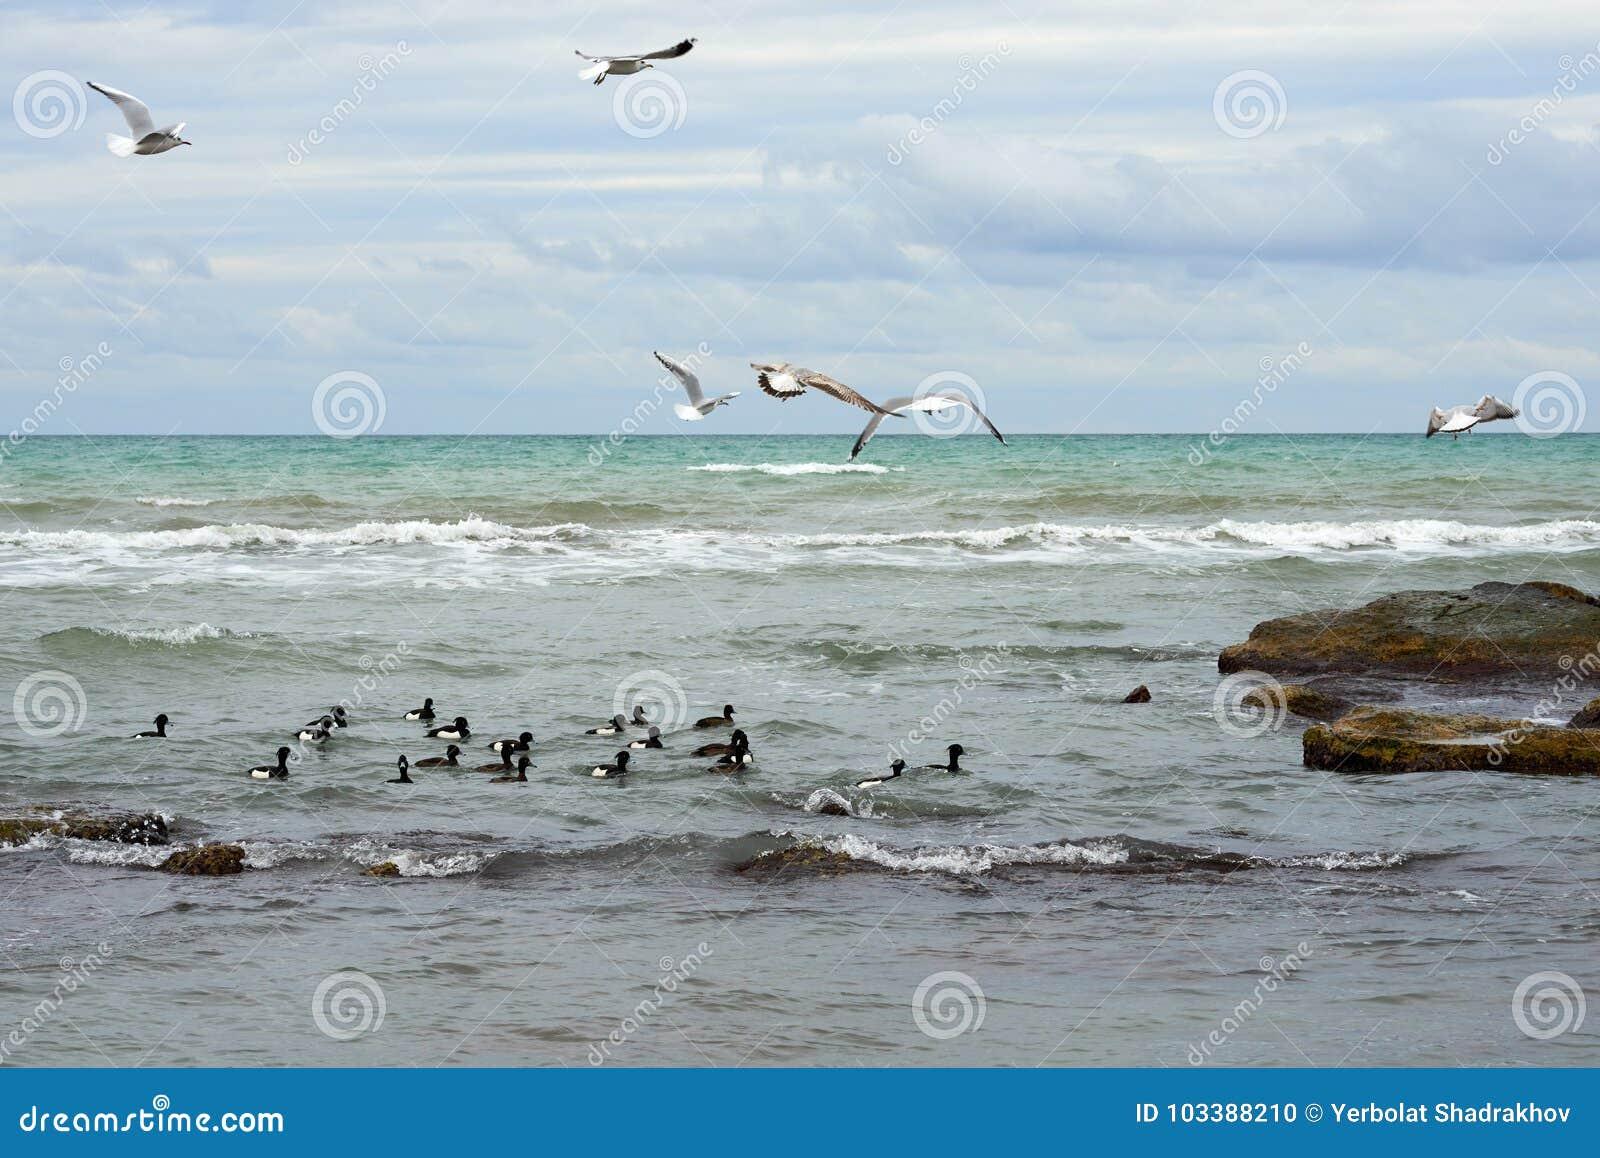 Birds of the Caspian sea.